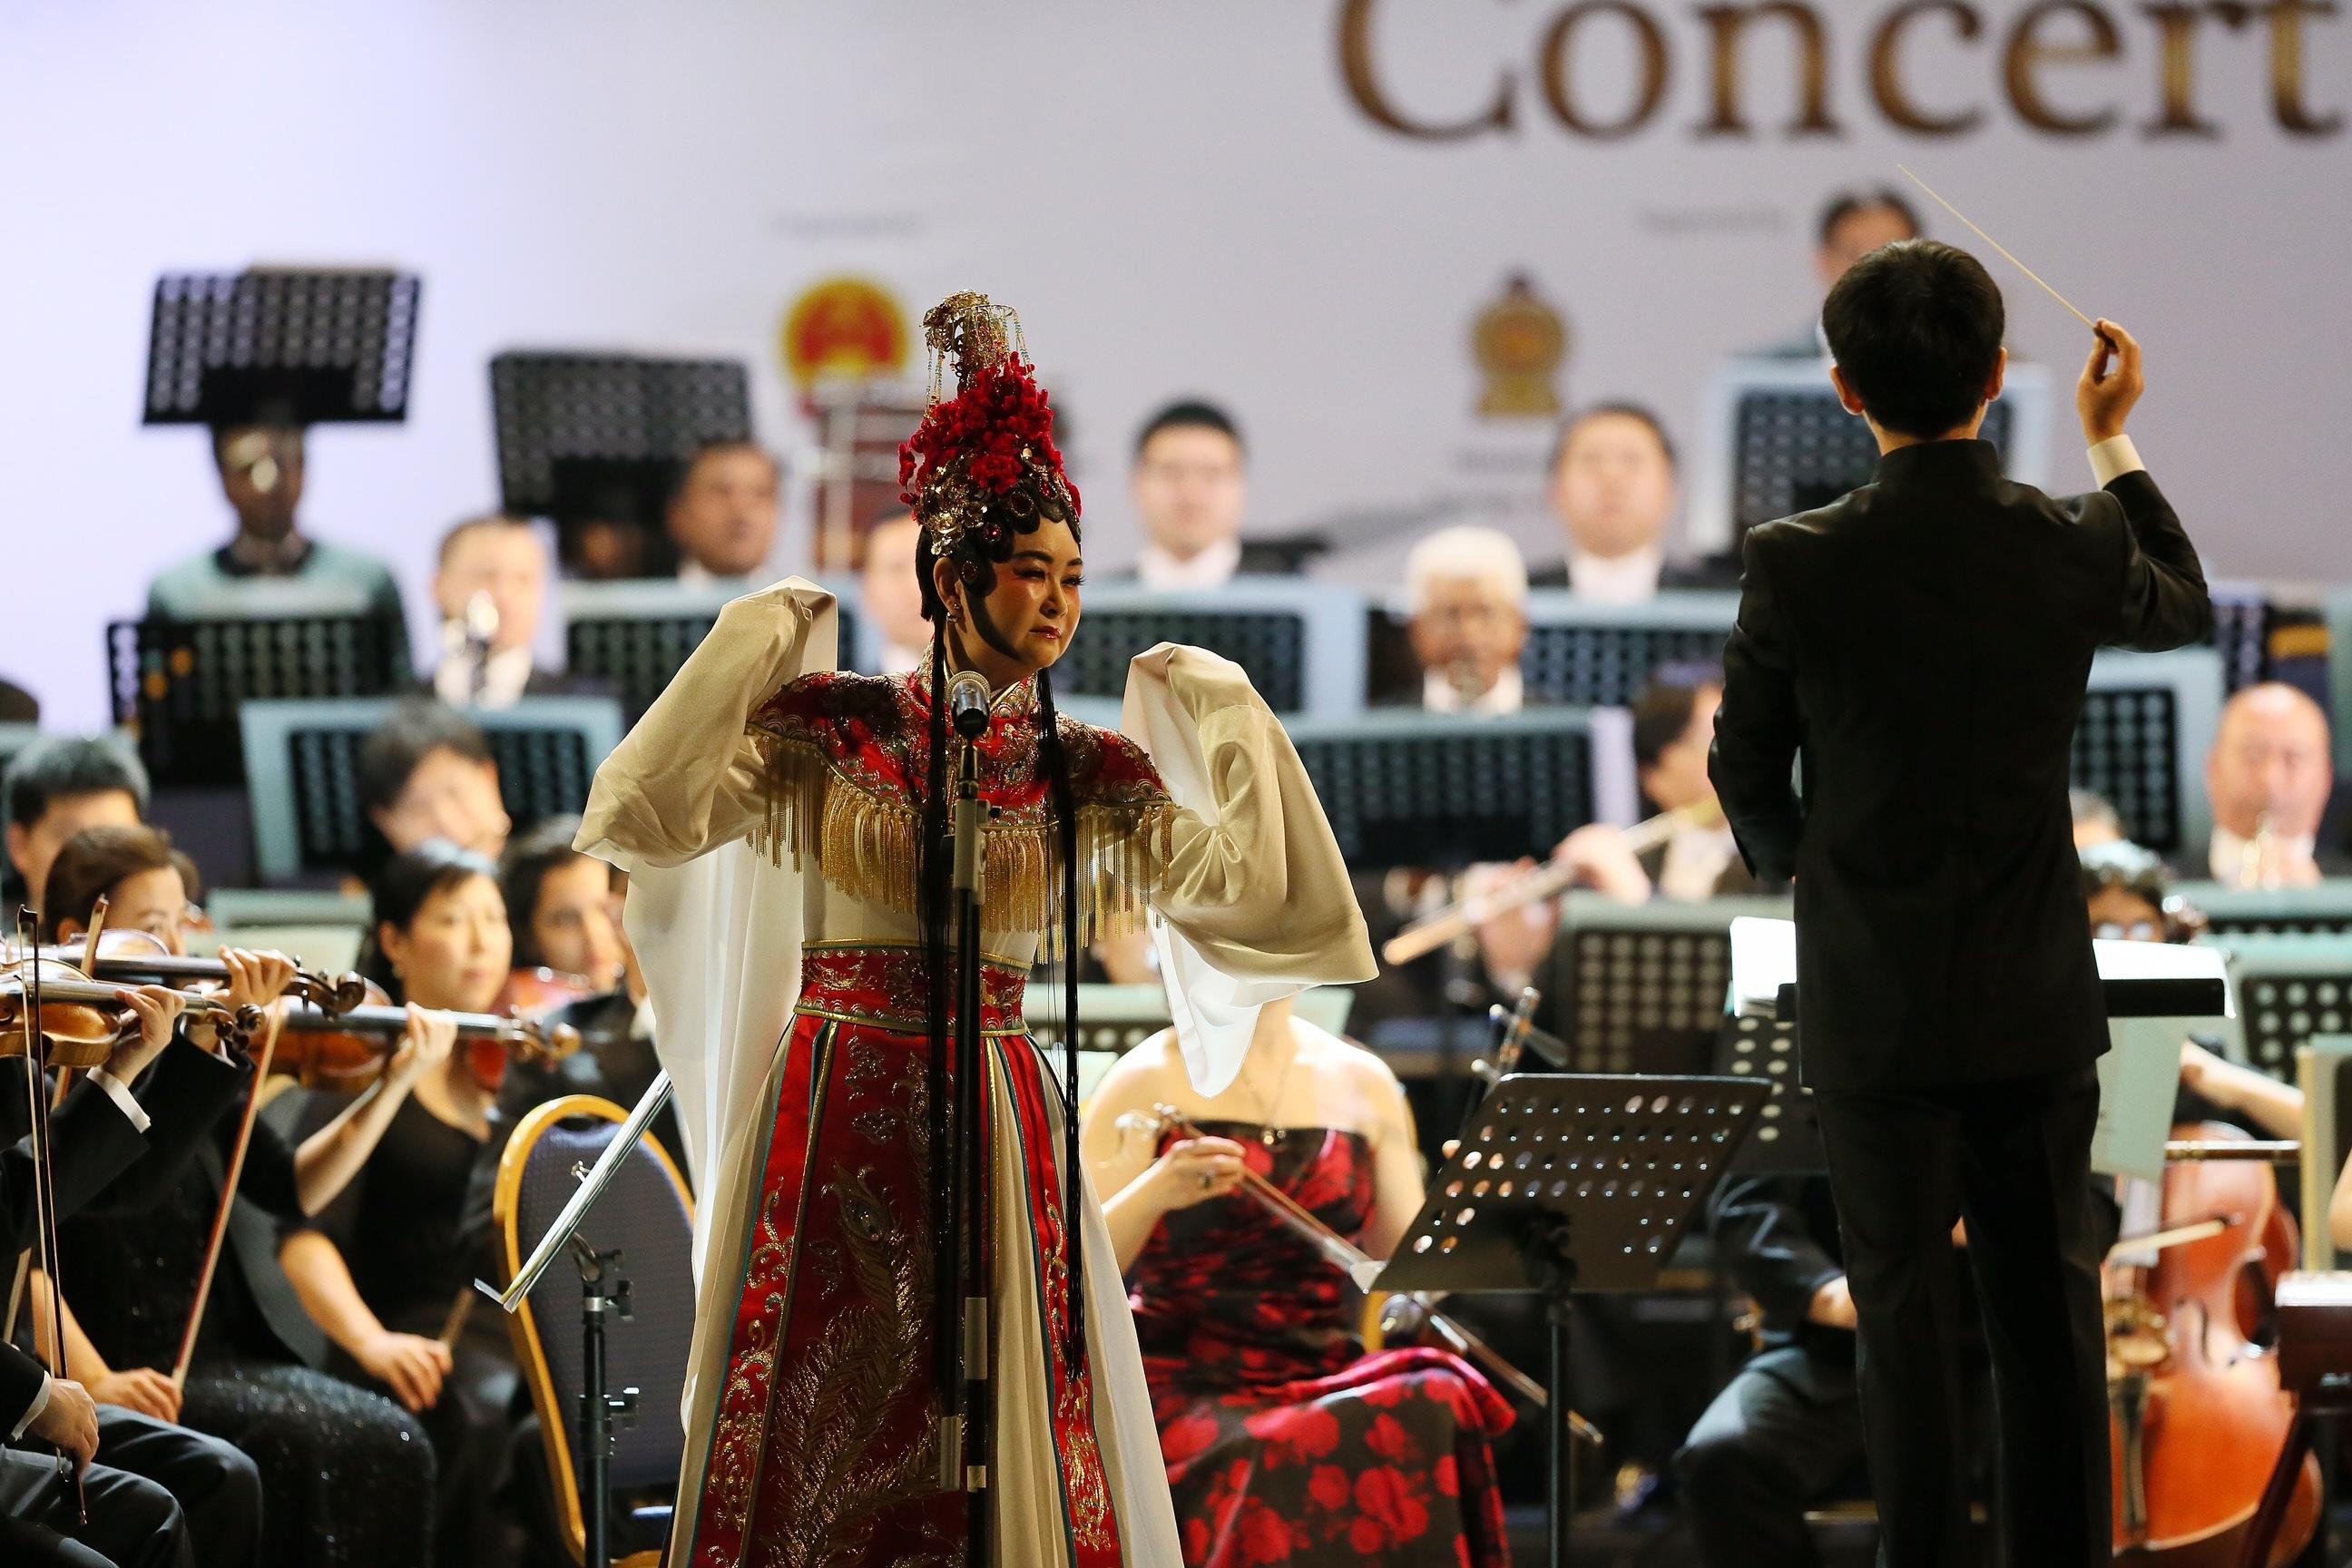 2月6日,科伦坡,两国交响乐团共同演奏中国交响幻想曲《霸王别姬》。(;新华社记者黄海敏摄;)